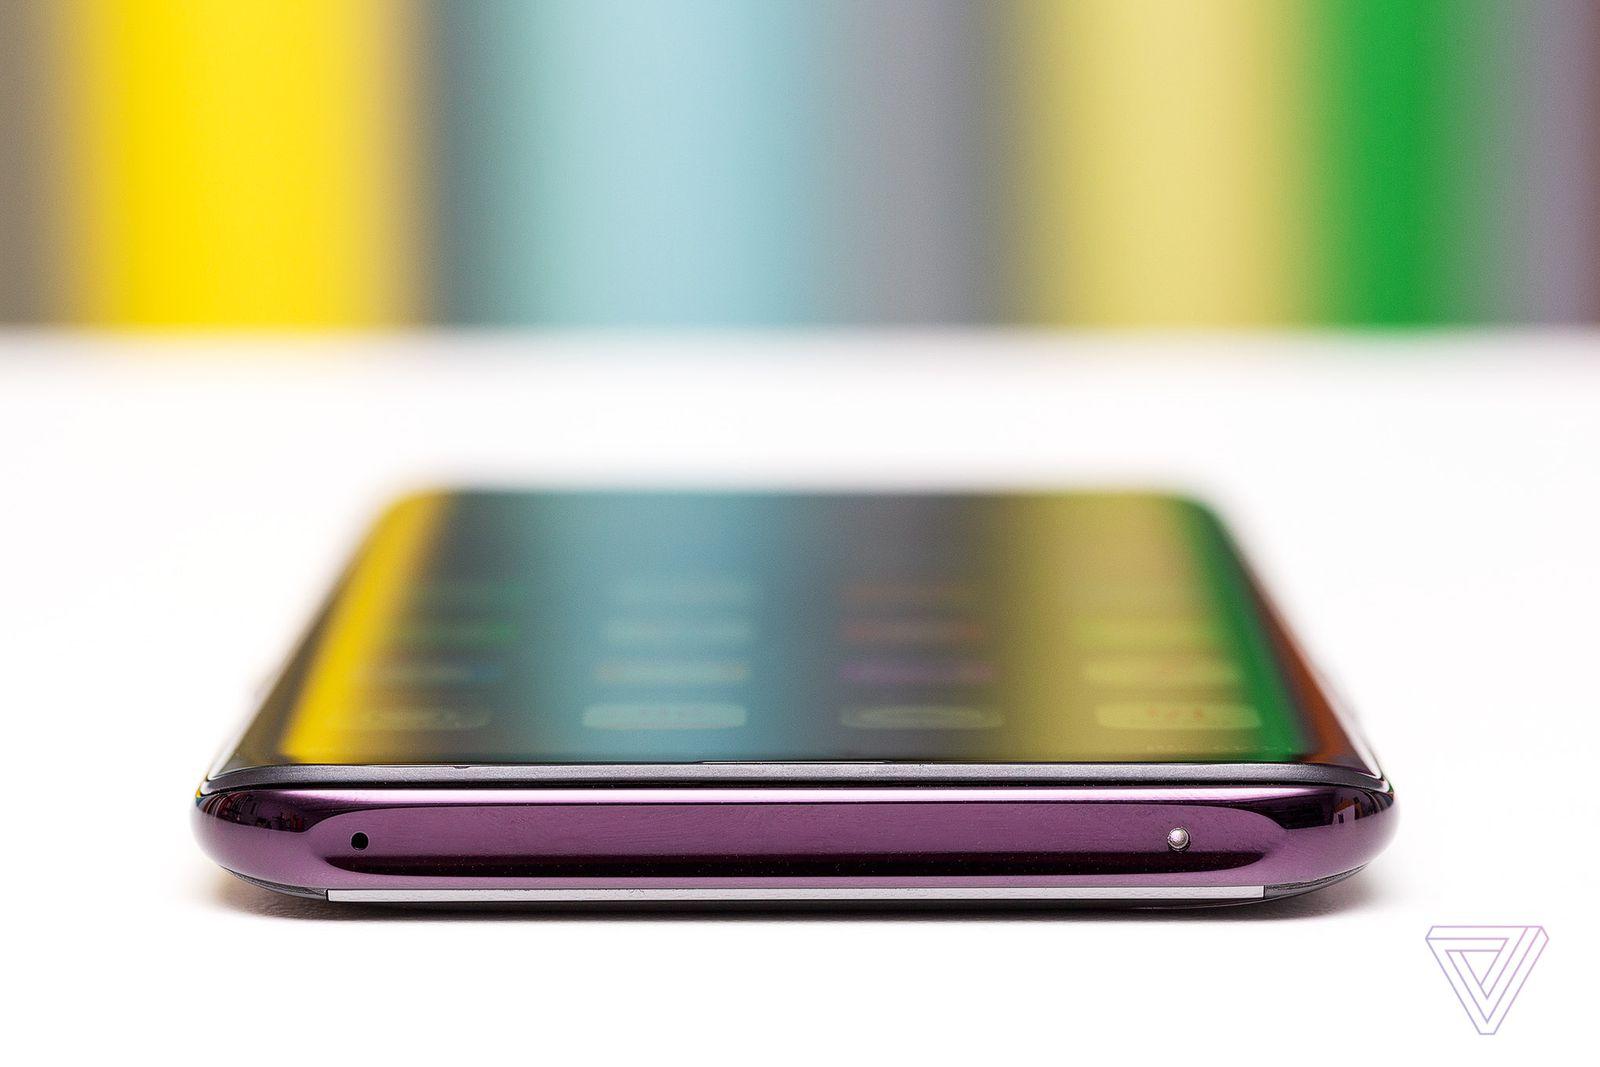 Cận cảnh OPPO Find X: với hệ thống camera ẩn hoàn toàn, Snapdragon 845, 8GB RAM